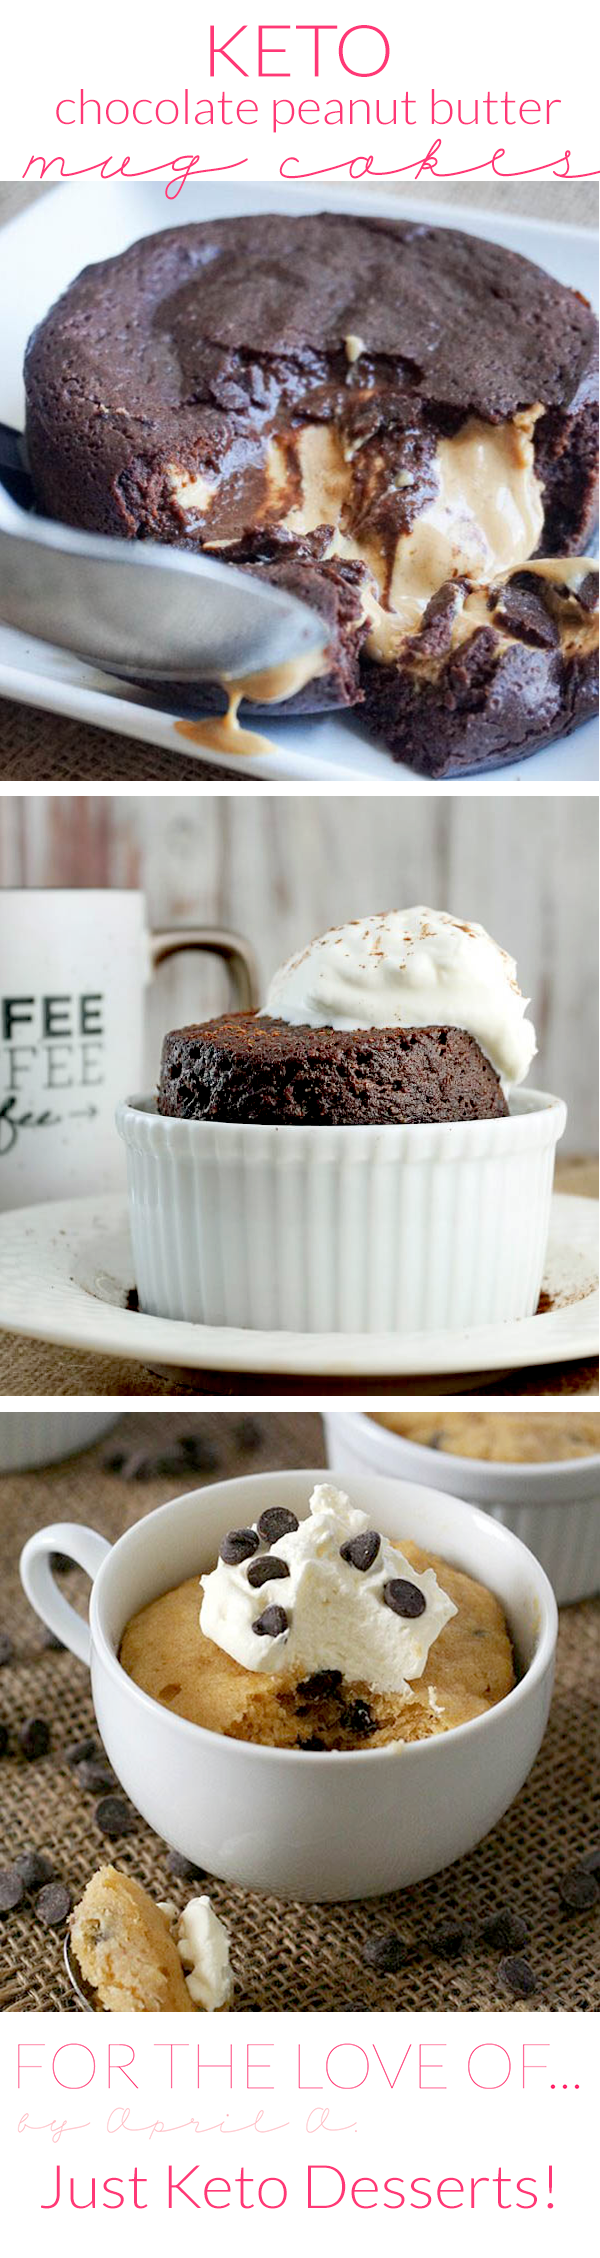 keto-chocolate-peanut-butter-mug-cake-recipes.png